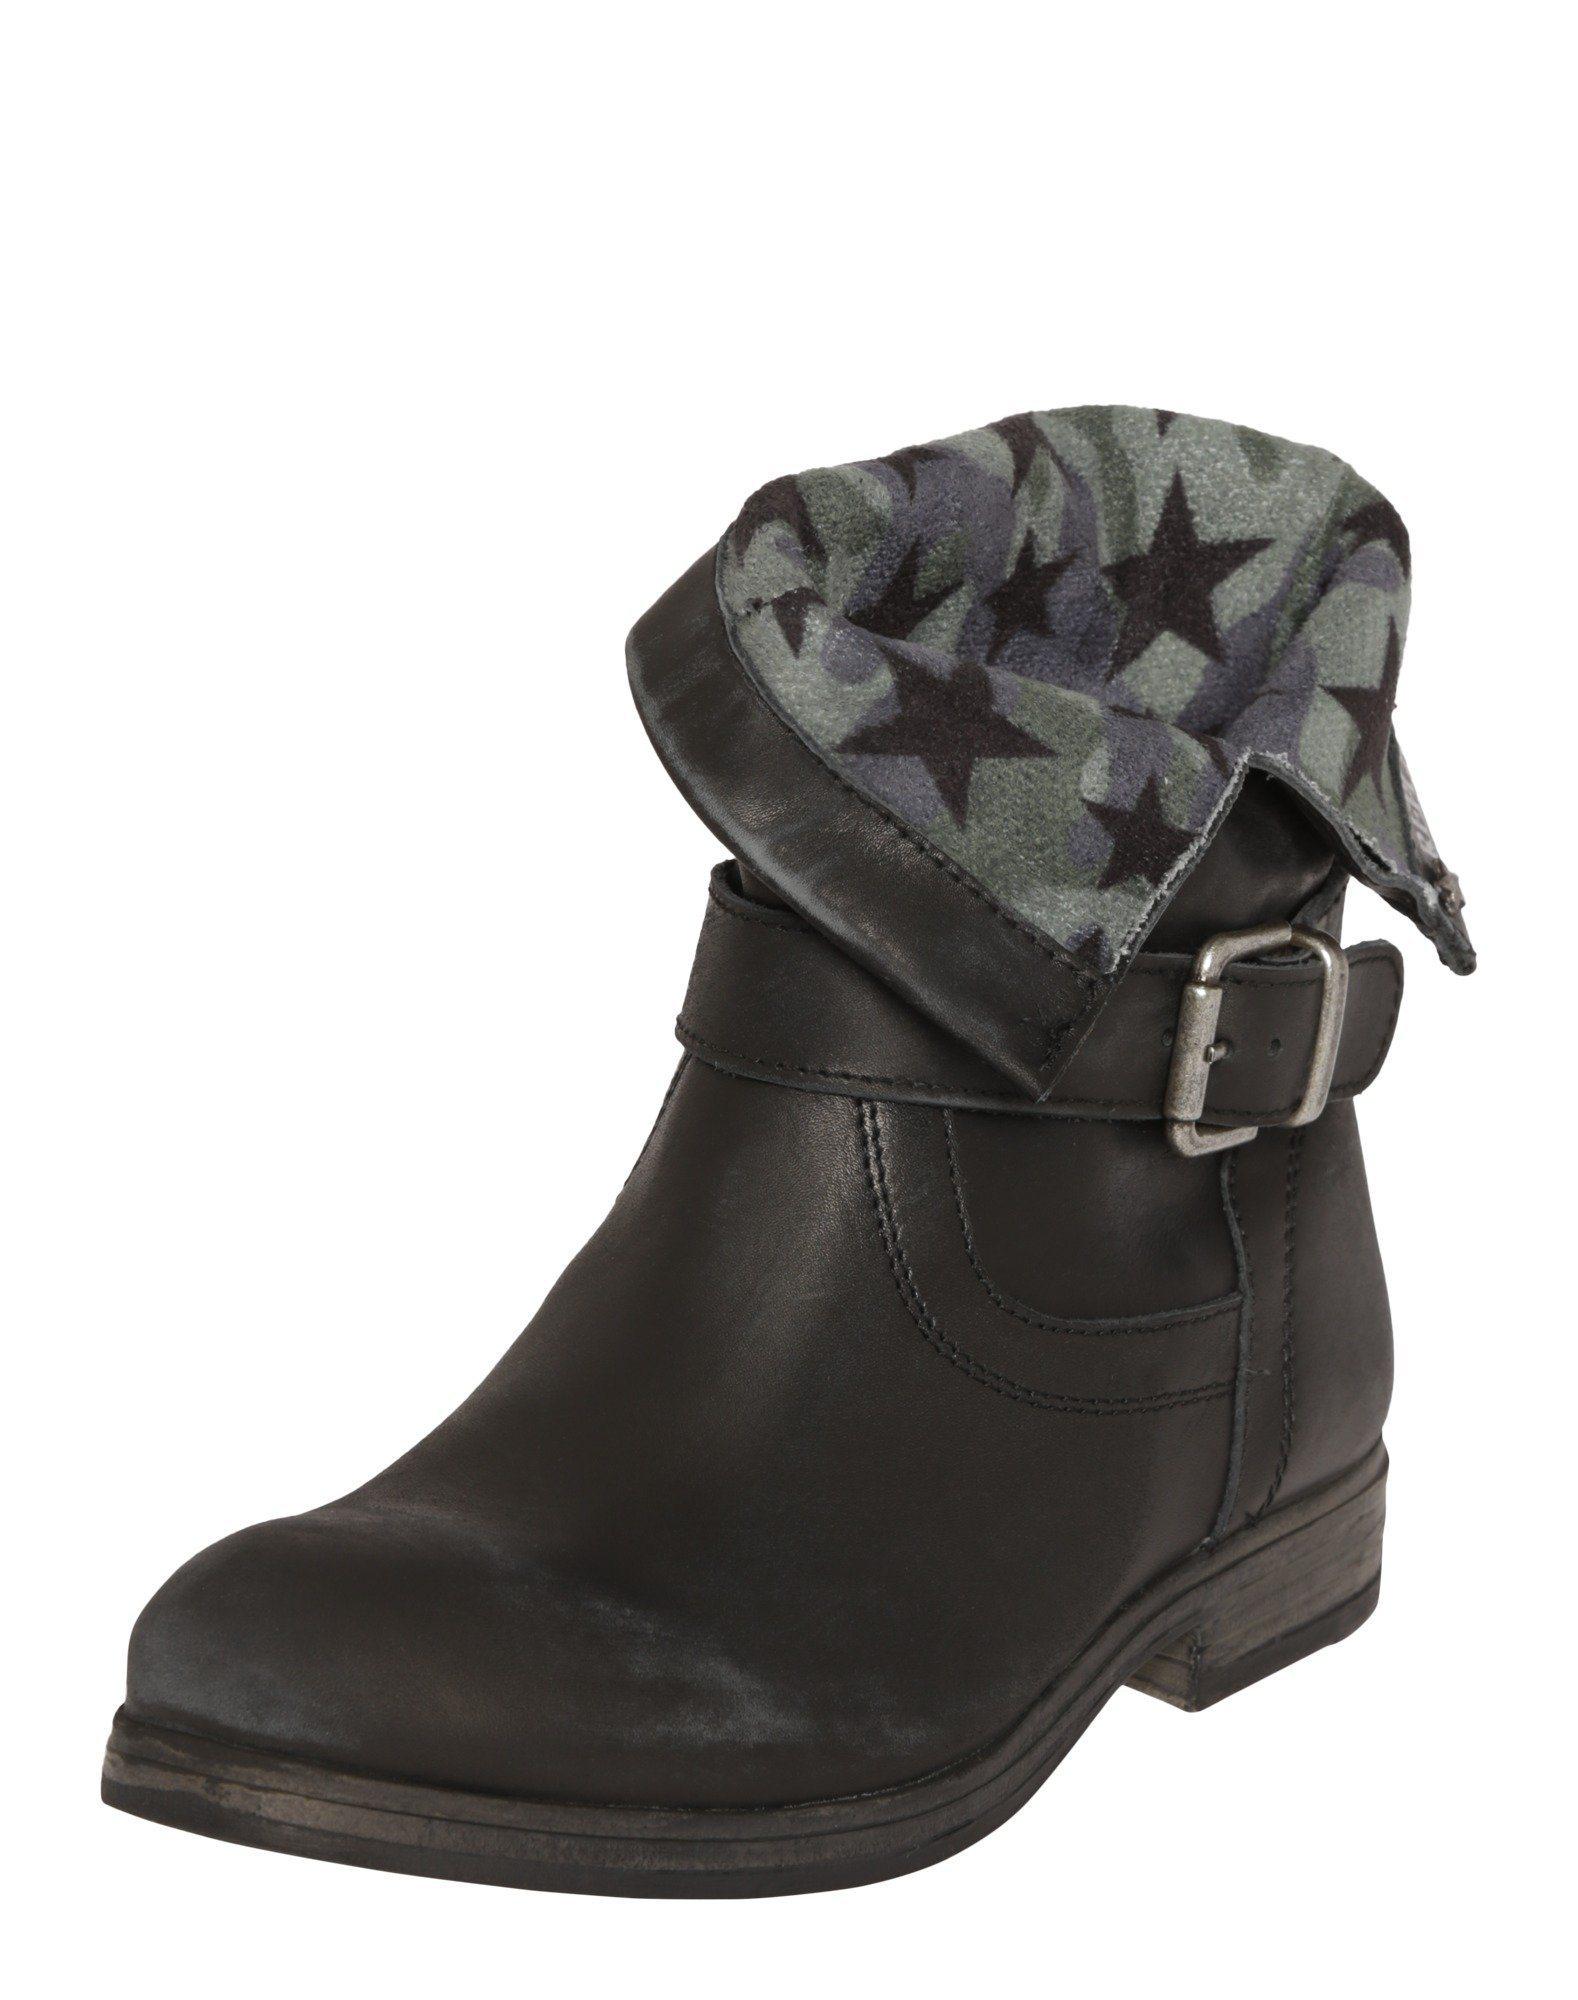 schwarze Leder Stiefeletten von Replay